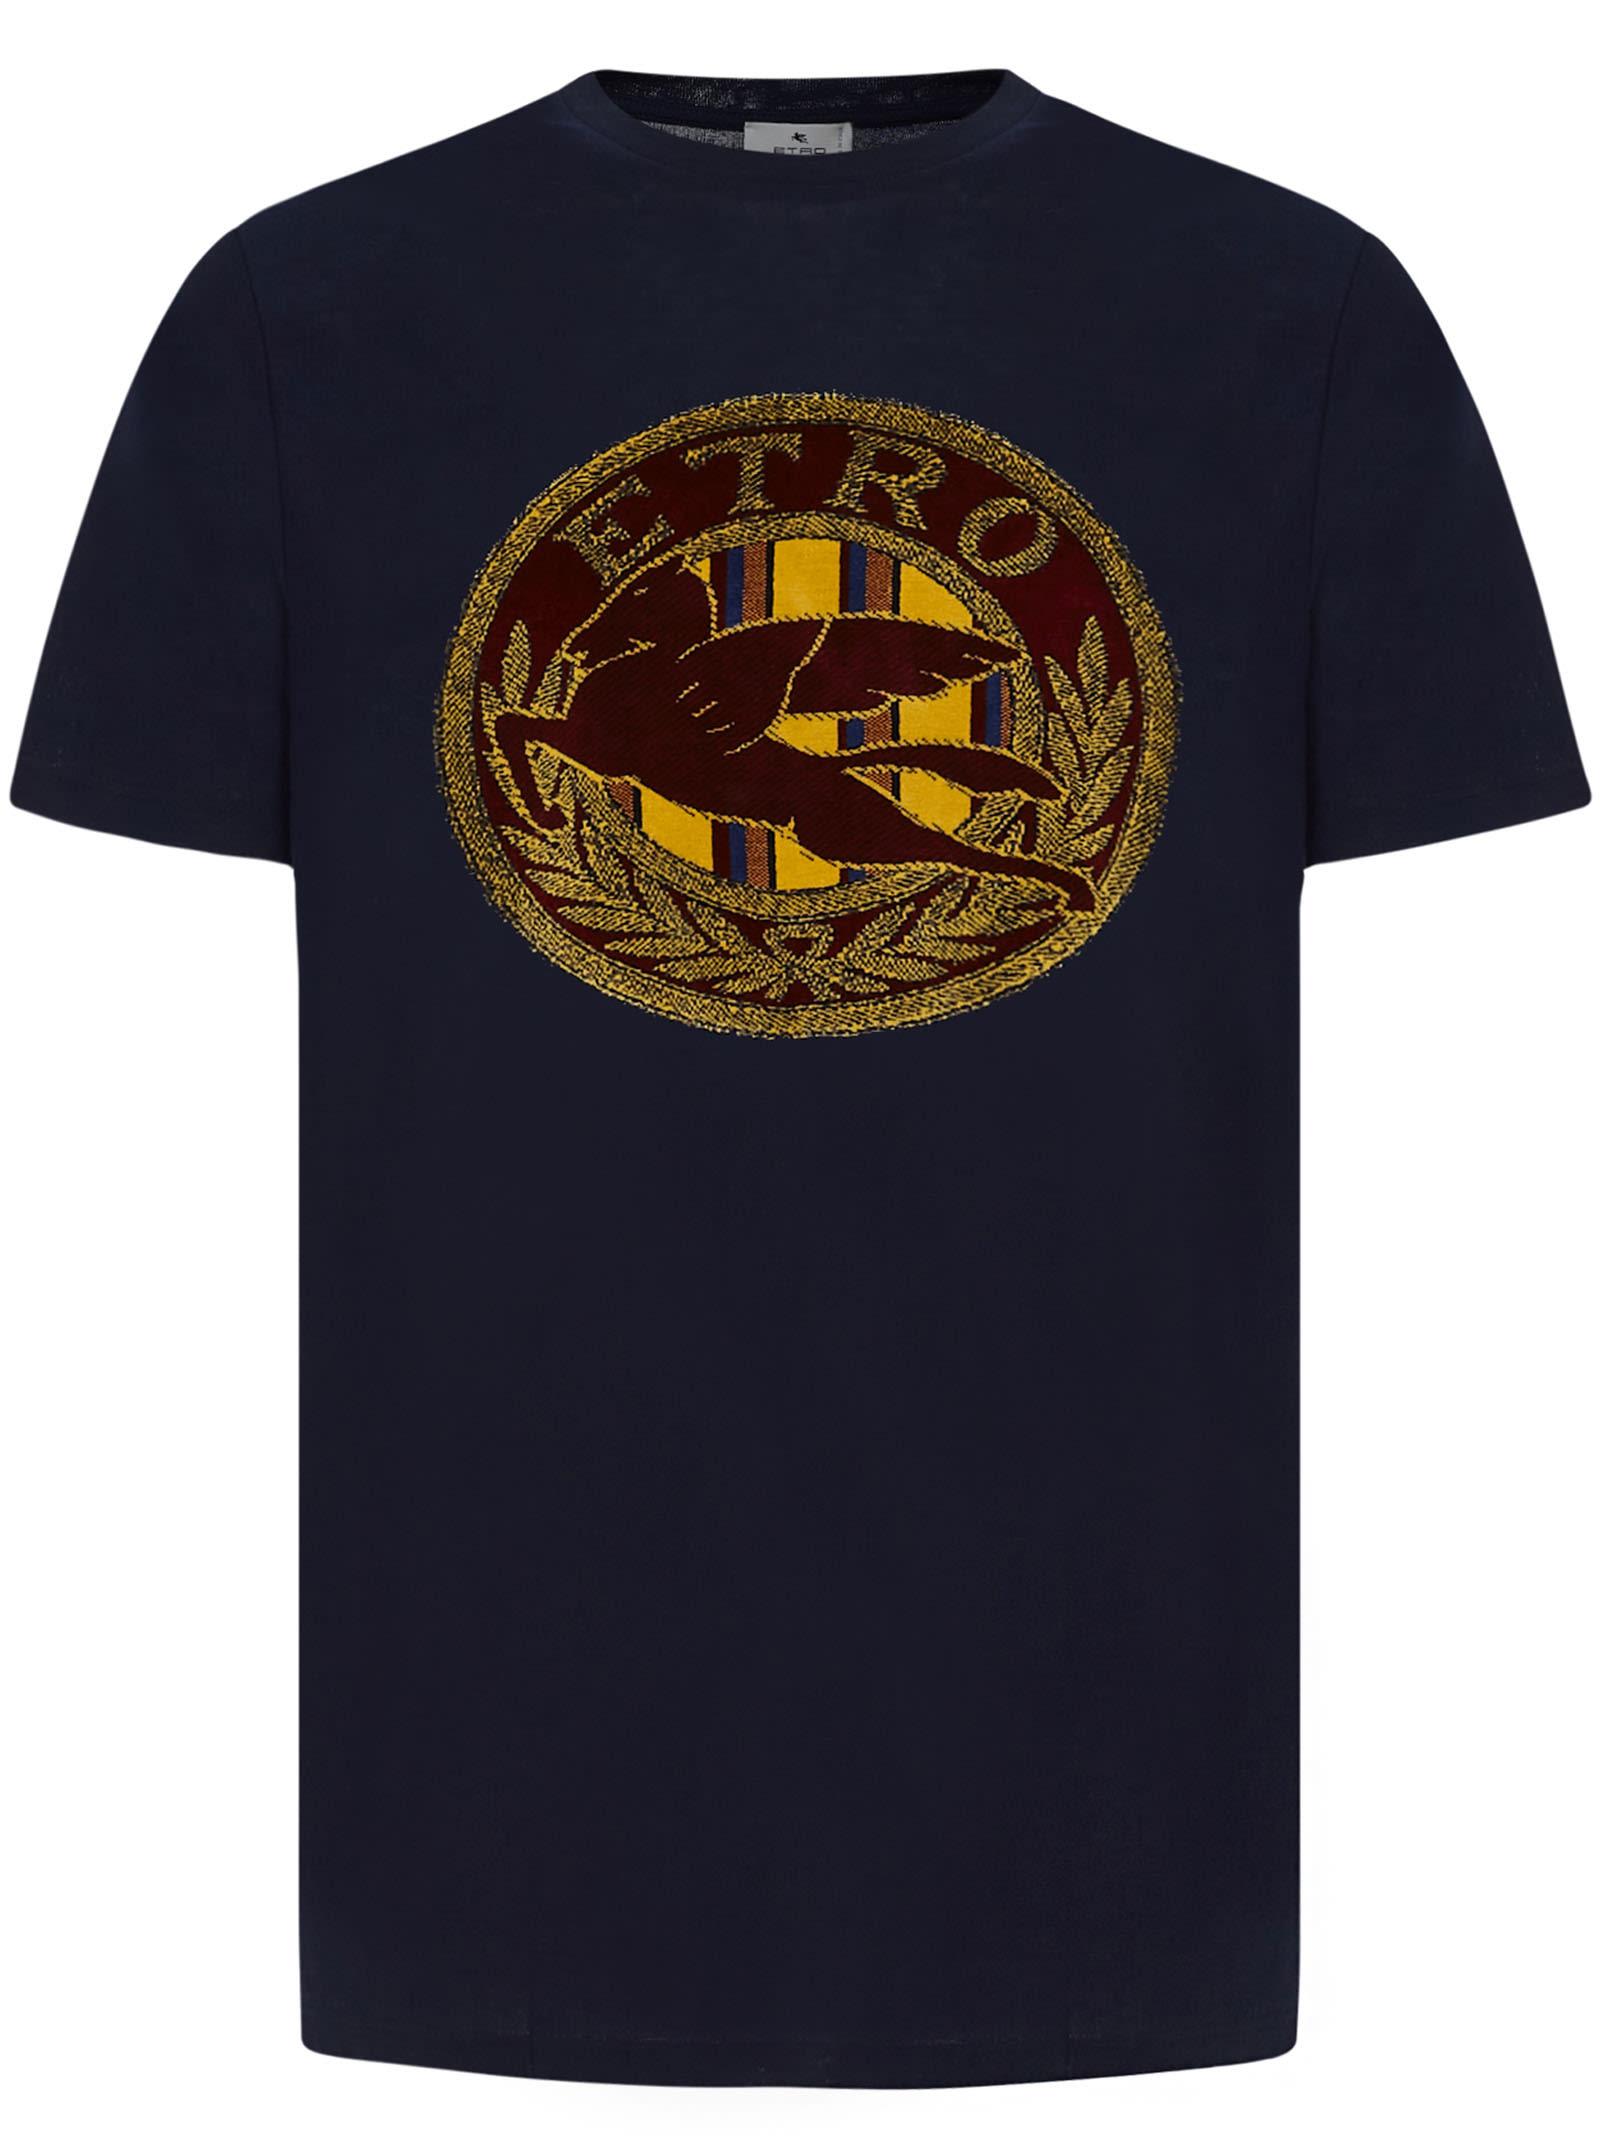 Etro Clothing T-SHIRT